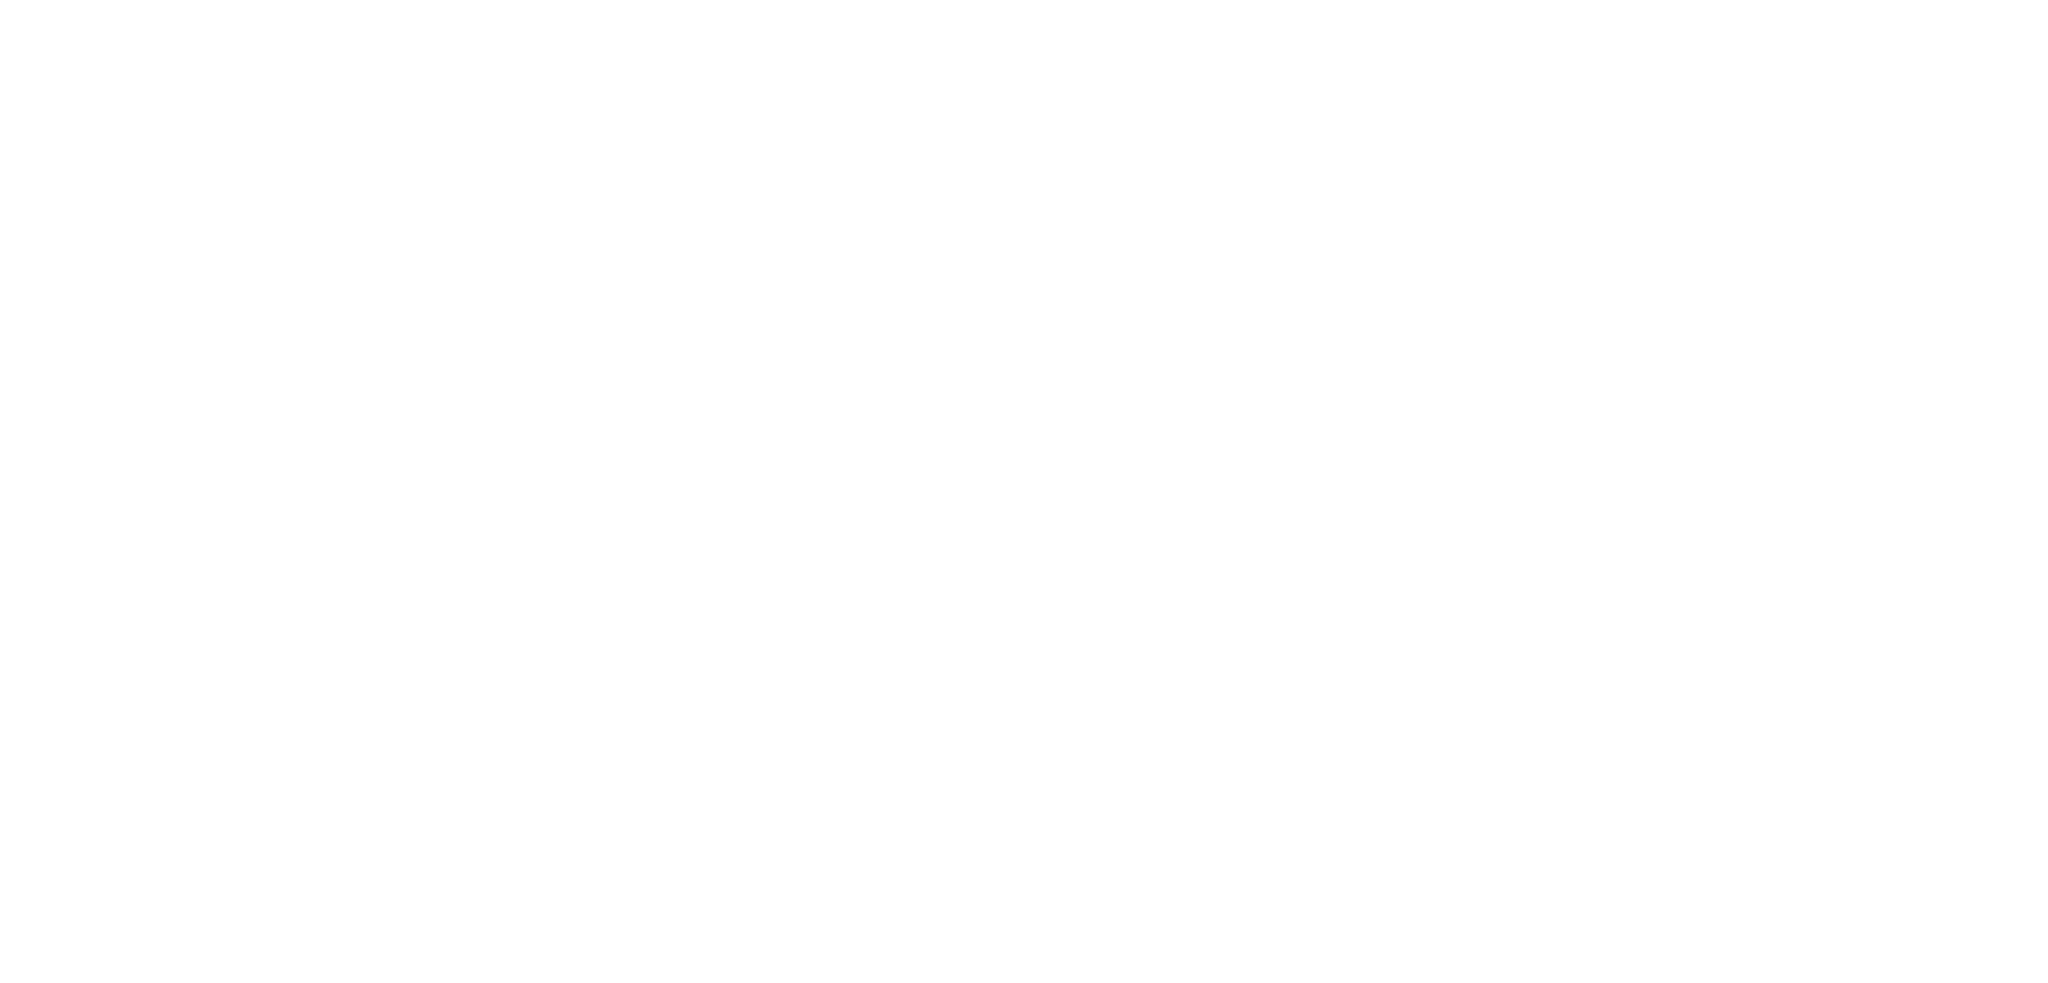 Logo-2048x983-White